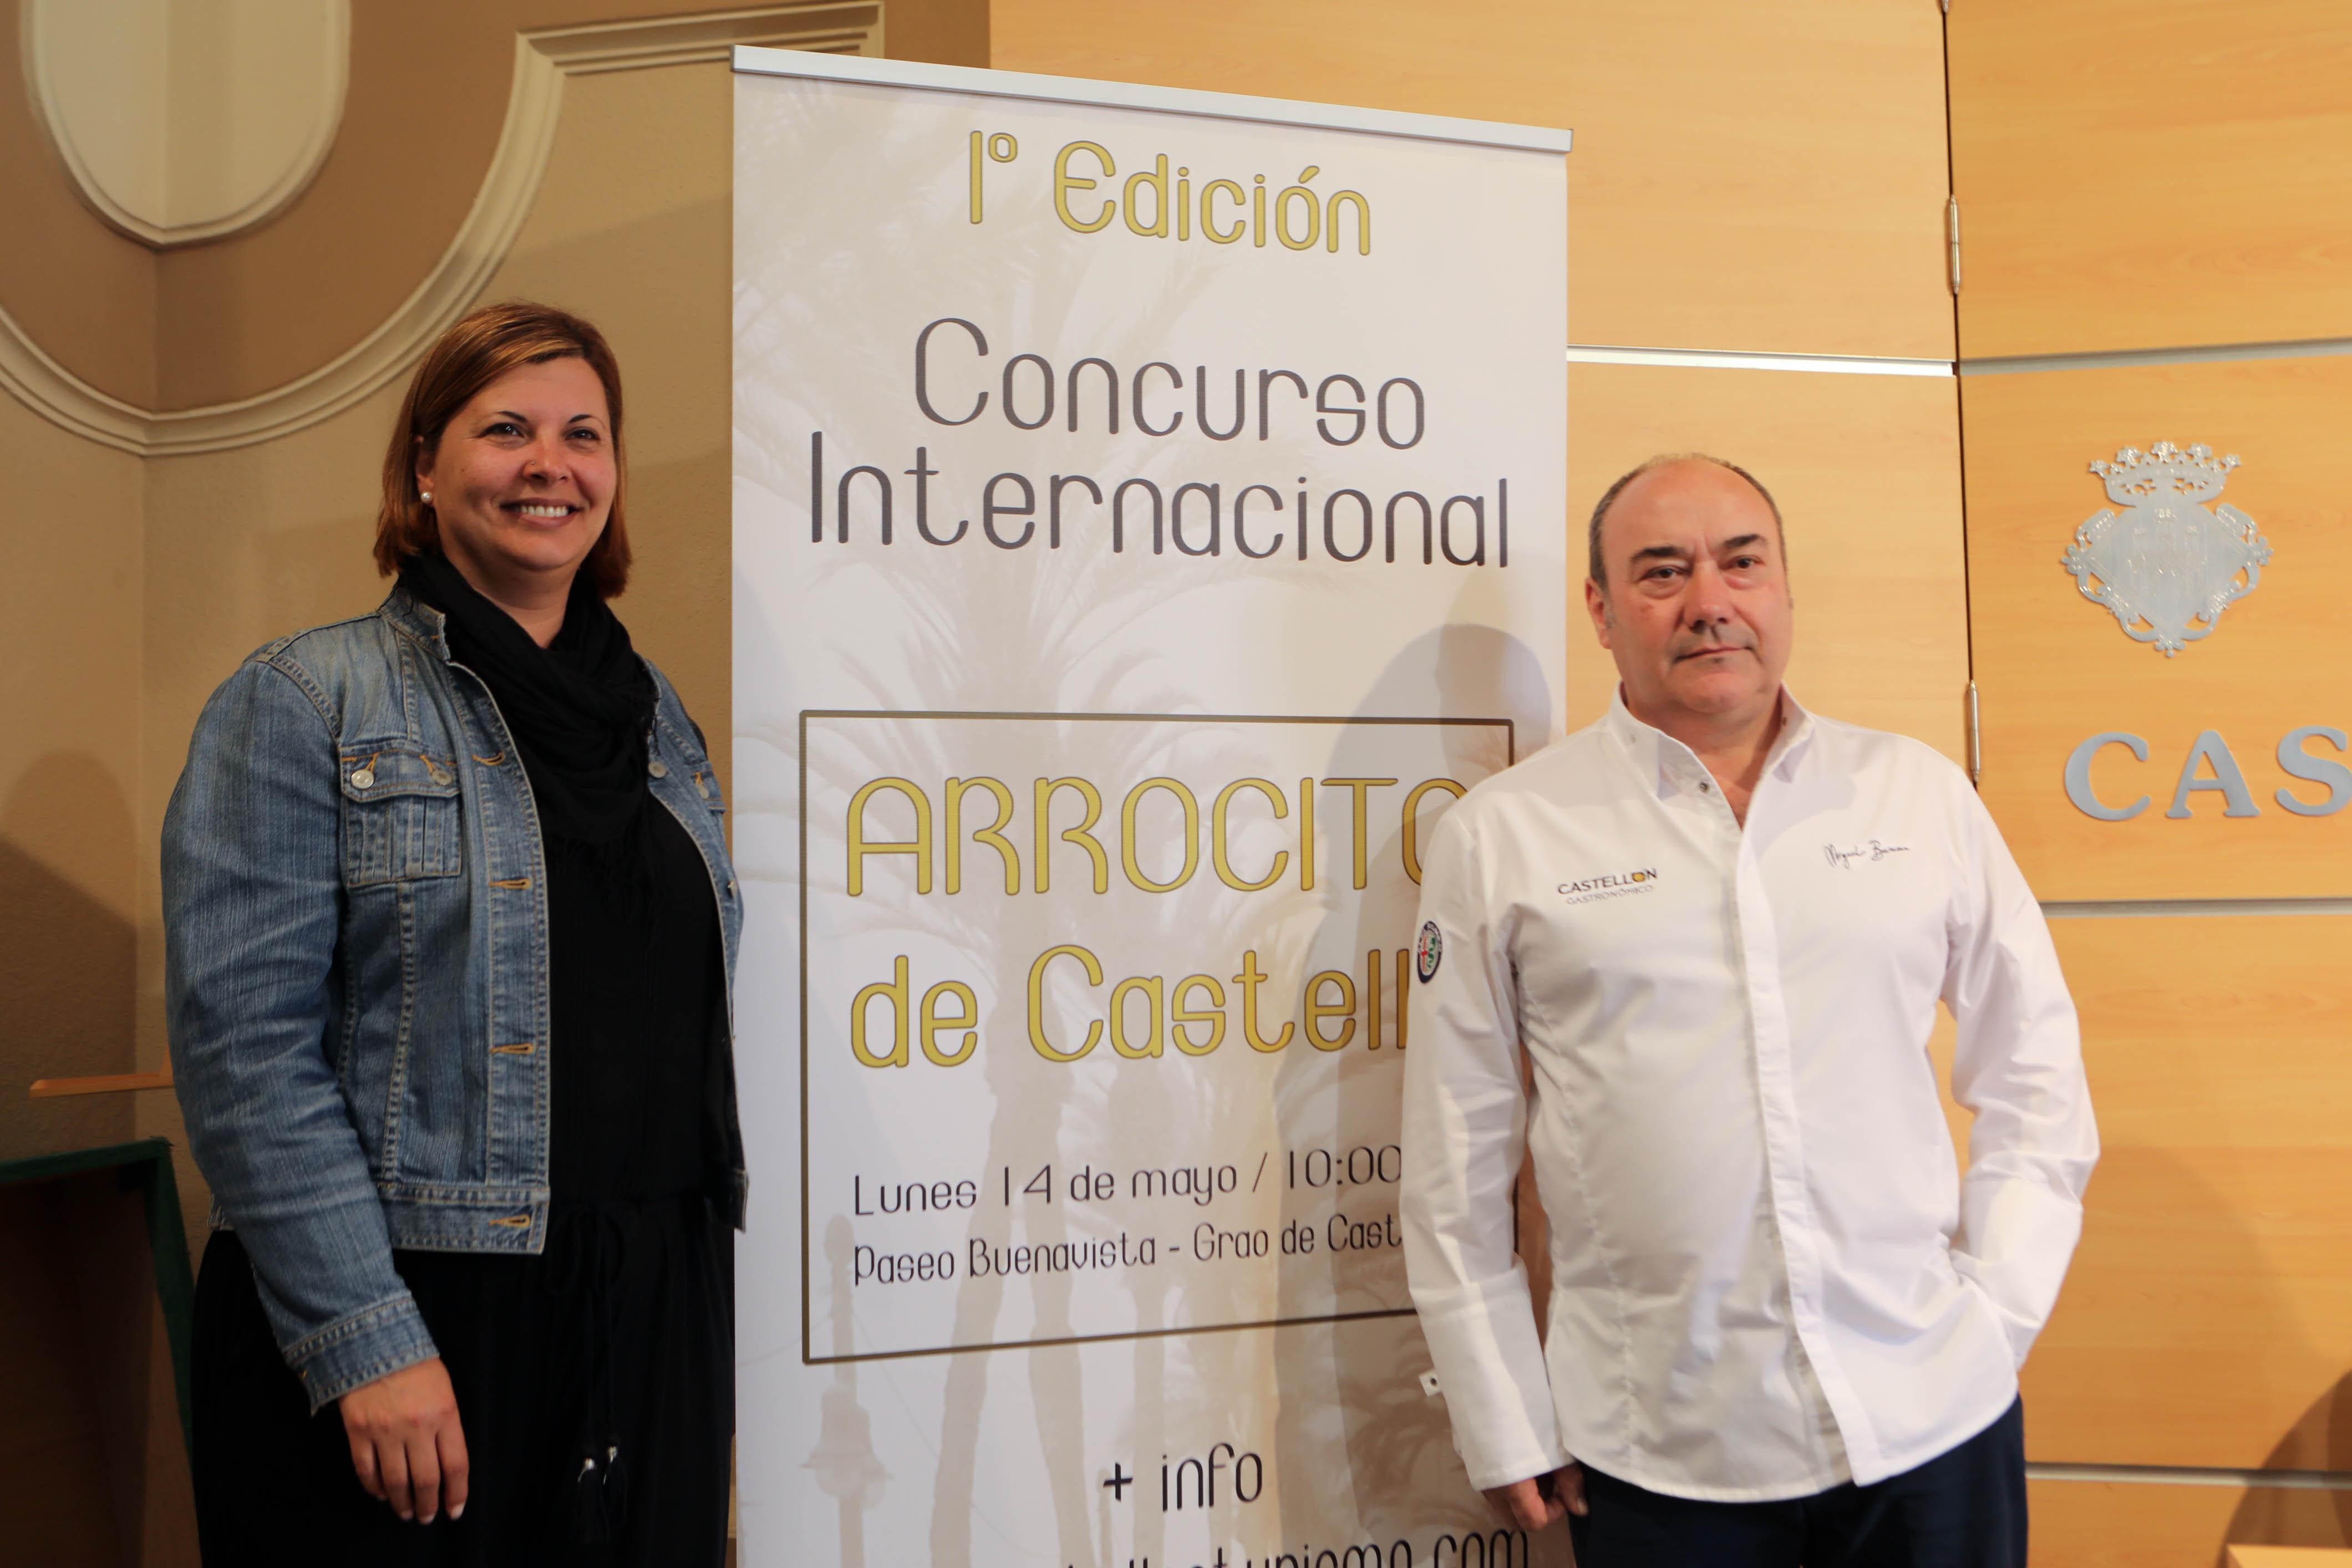 El primer concurso 'Arrocito de Castellón' pretende poner en valor la gastronomía castellonense